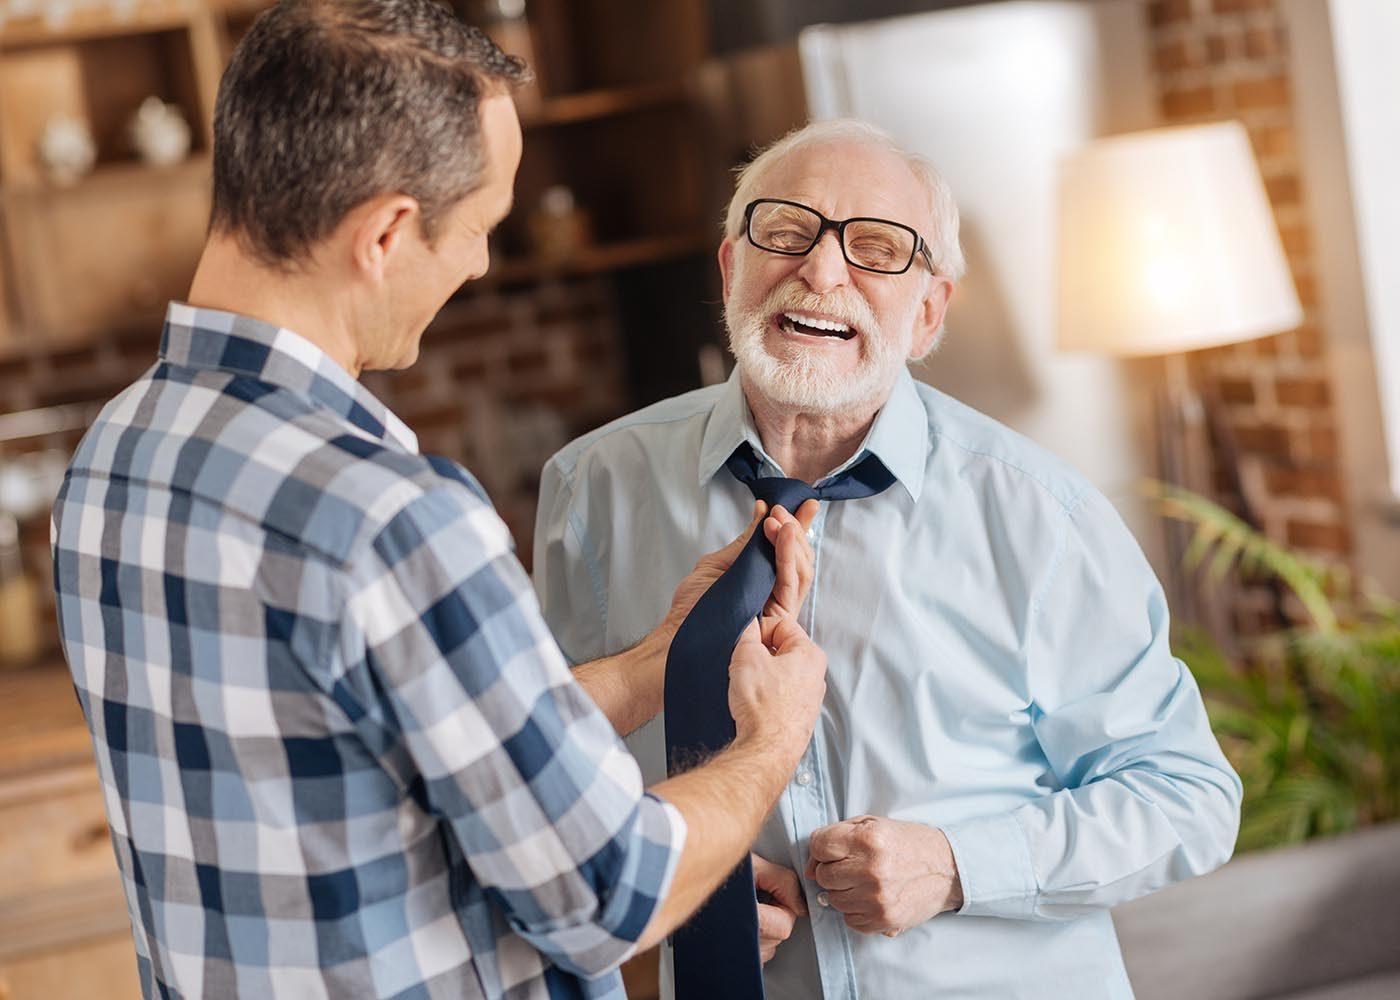 Demandez à vos grands-parents quels emplois ils ont occupés au cours de leur vie.